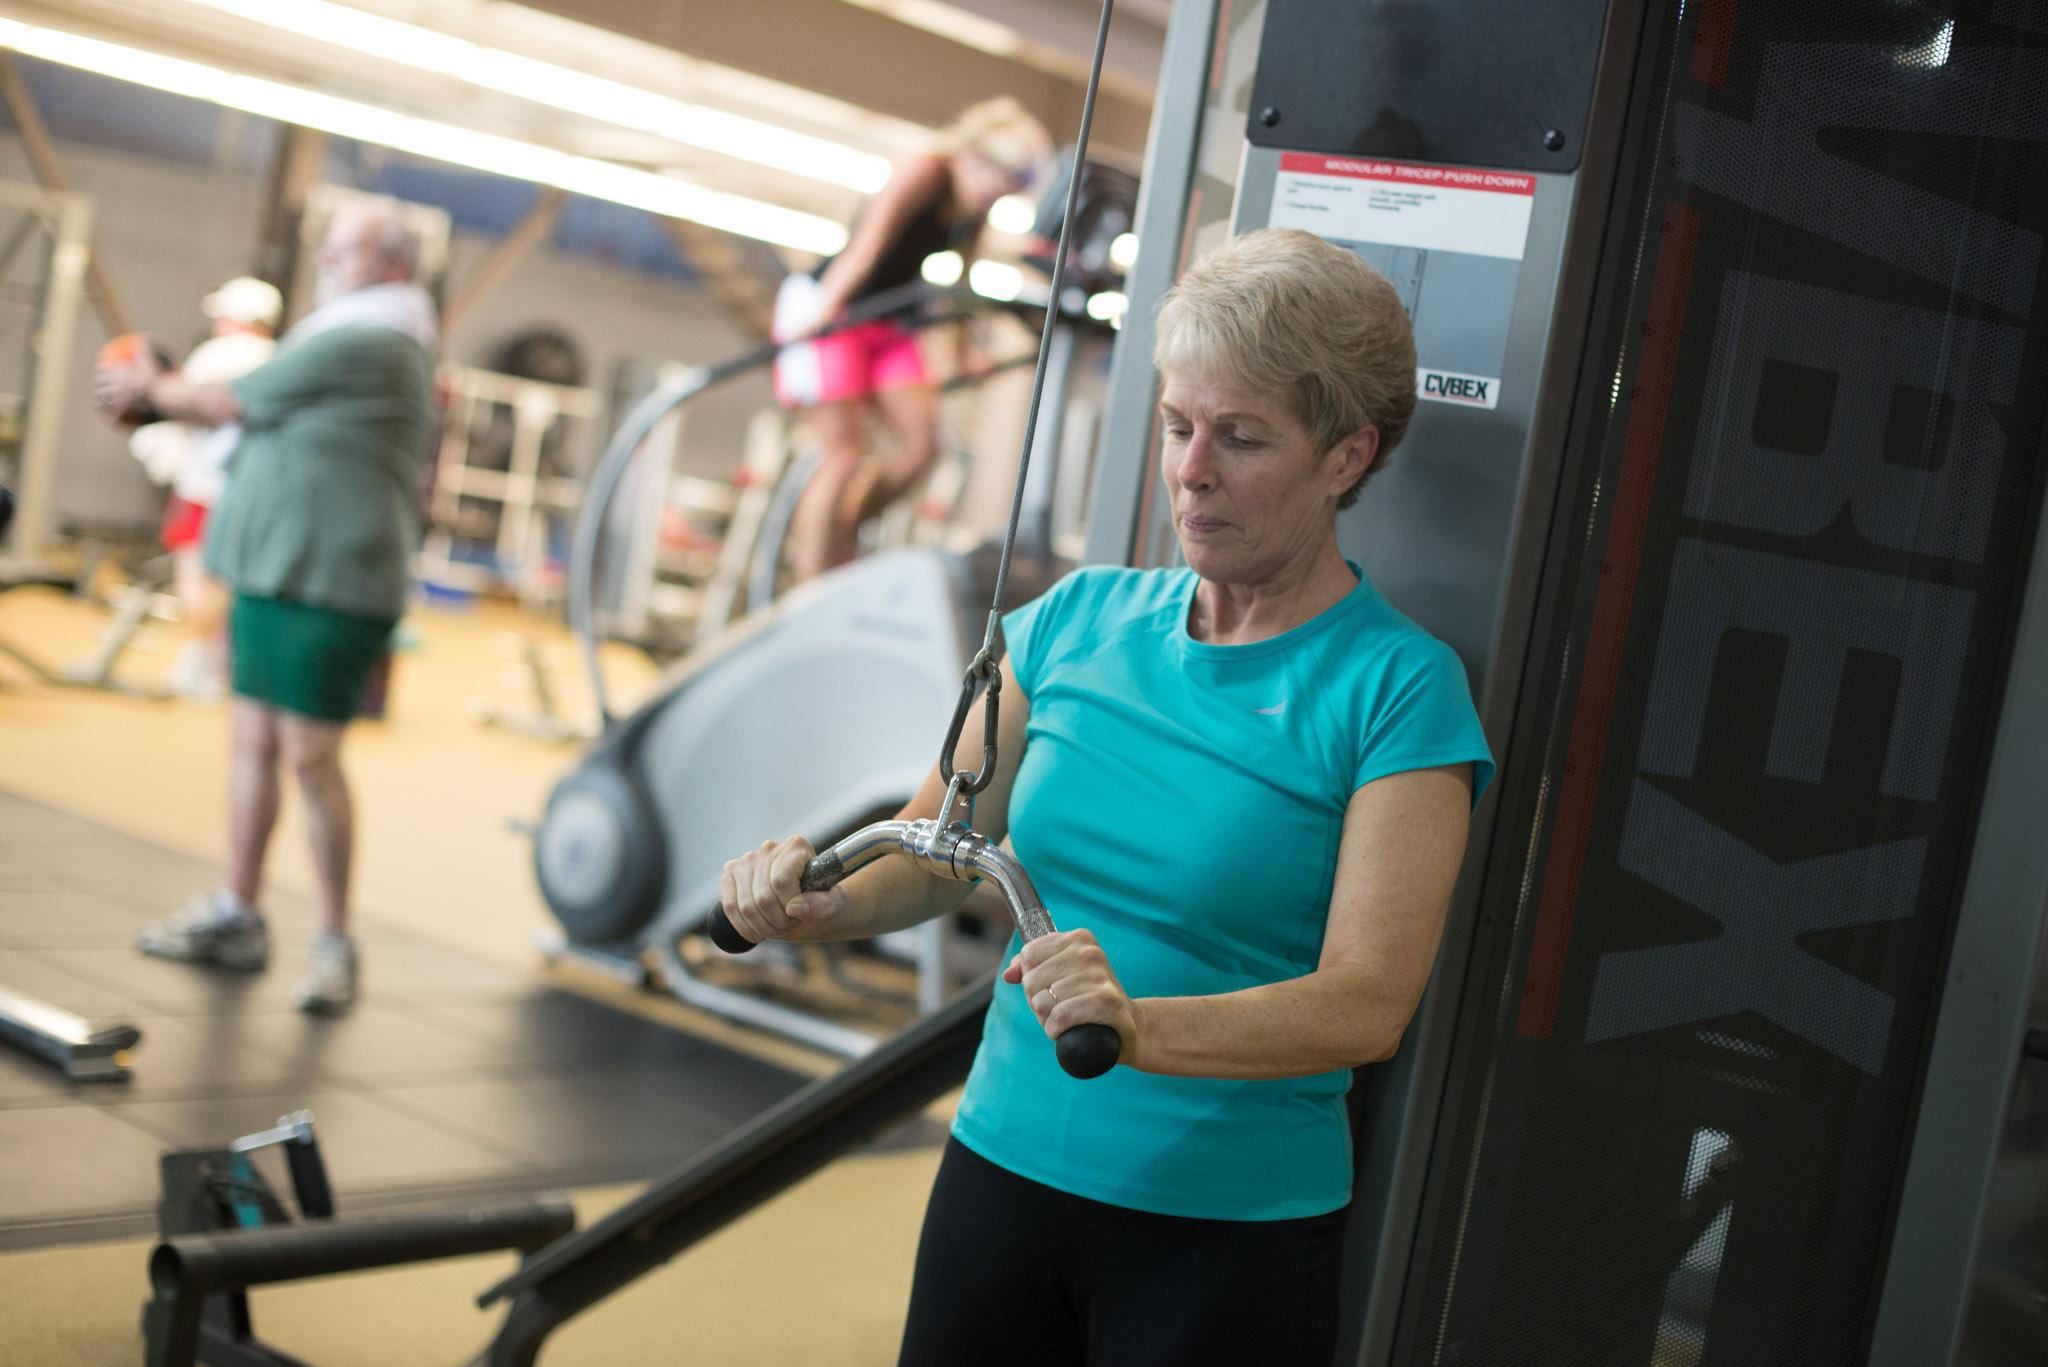 Wellness Center Stock Photos-1171.jpg